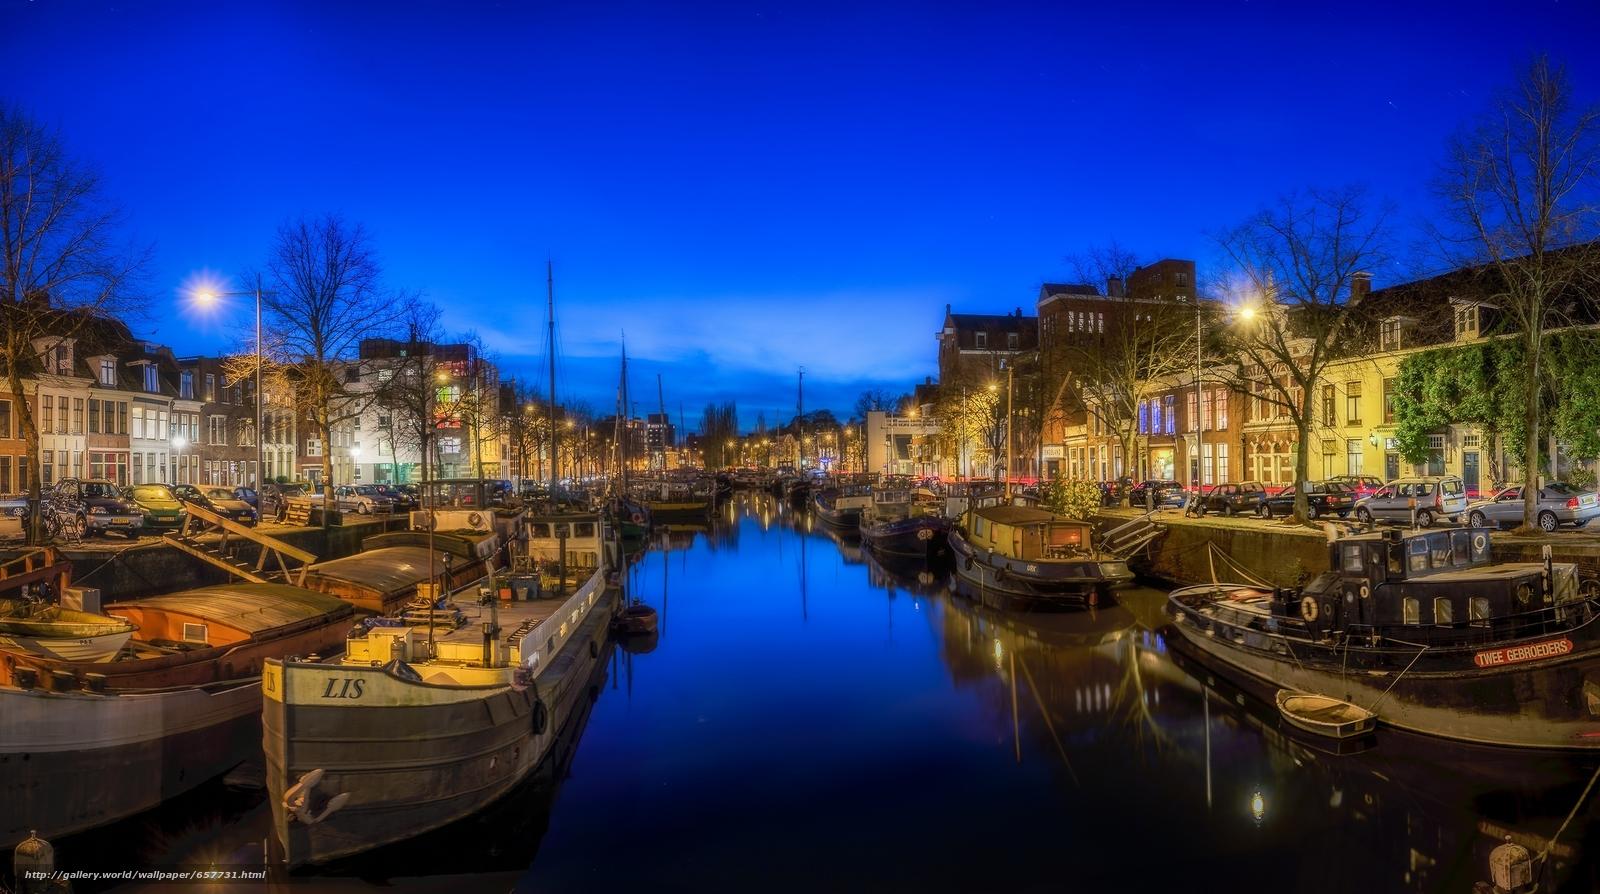 Tlcharger Fond d'ecran Groningen,  Groningen,  Pays-Bas,  nuit Fonds d'ecran gratuits pour votre rsolution du bureau 2048x1144 — image №657731